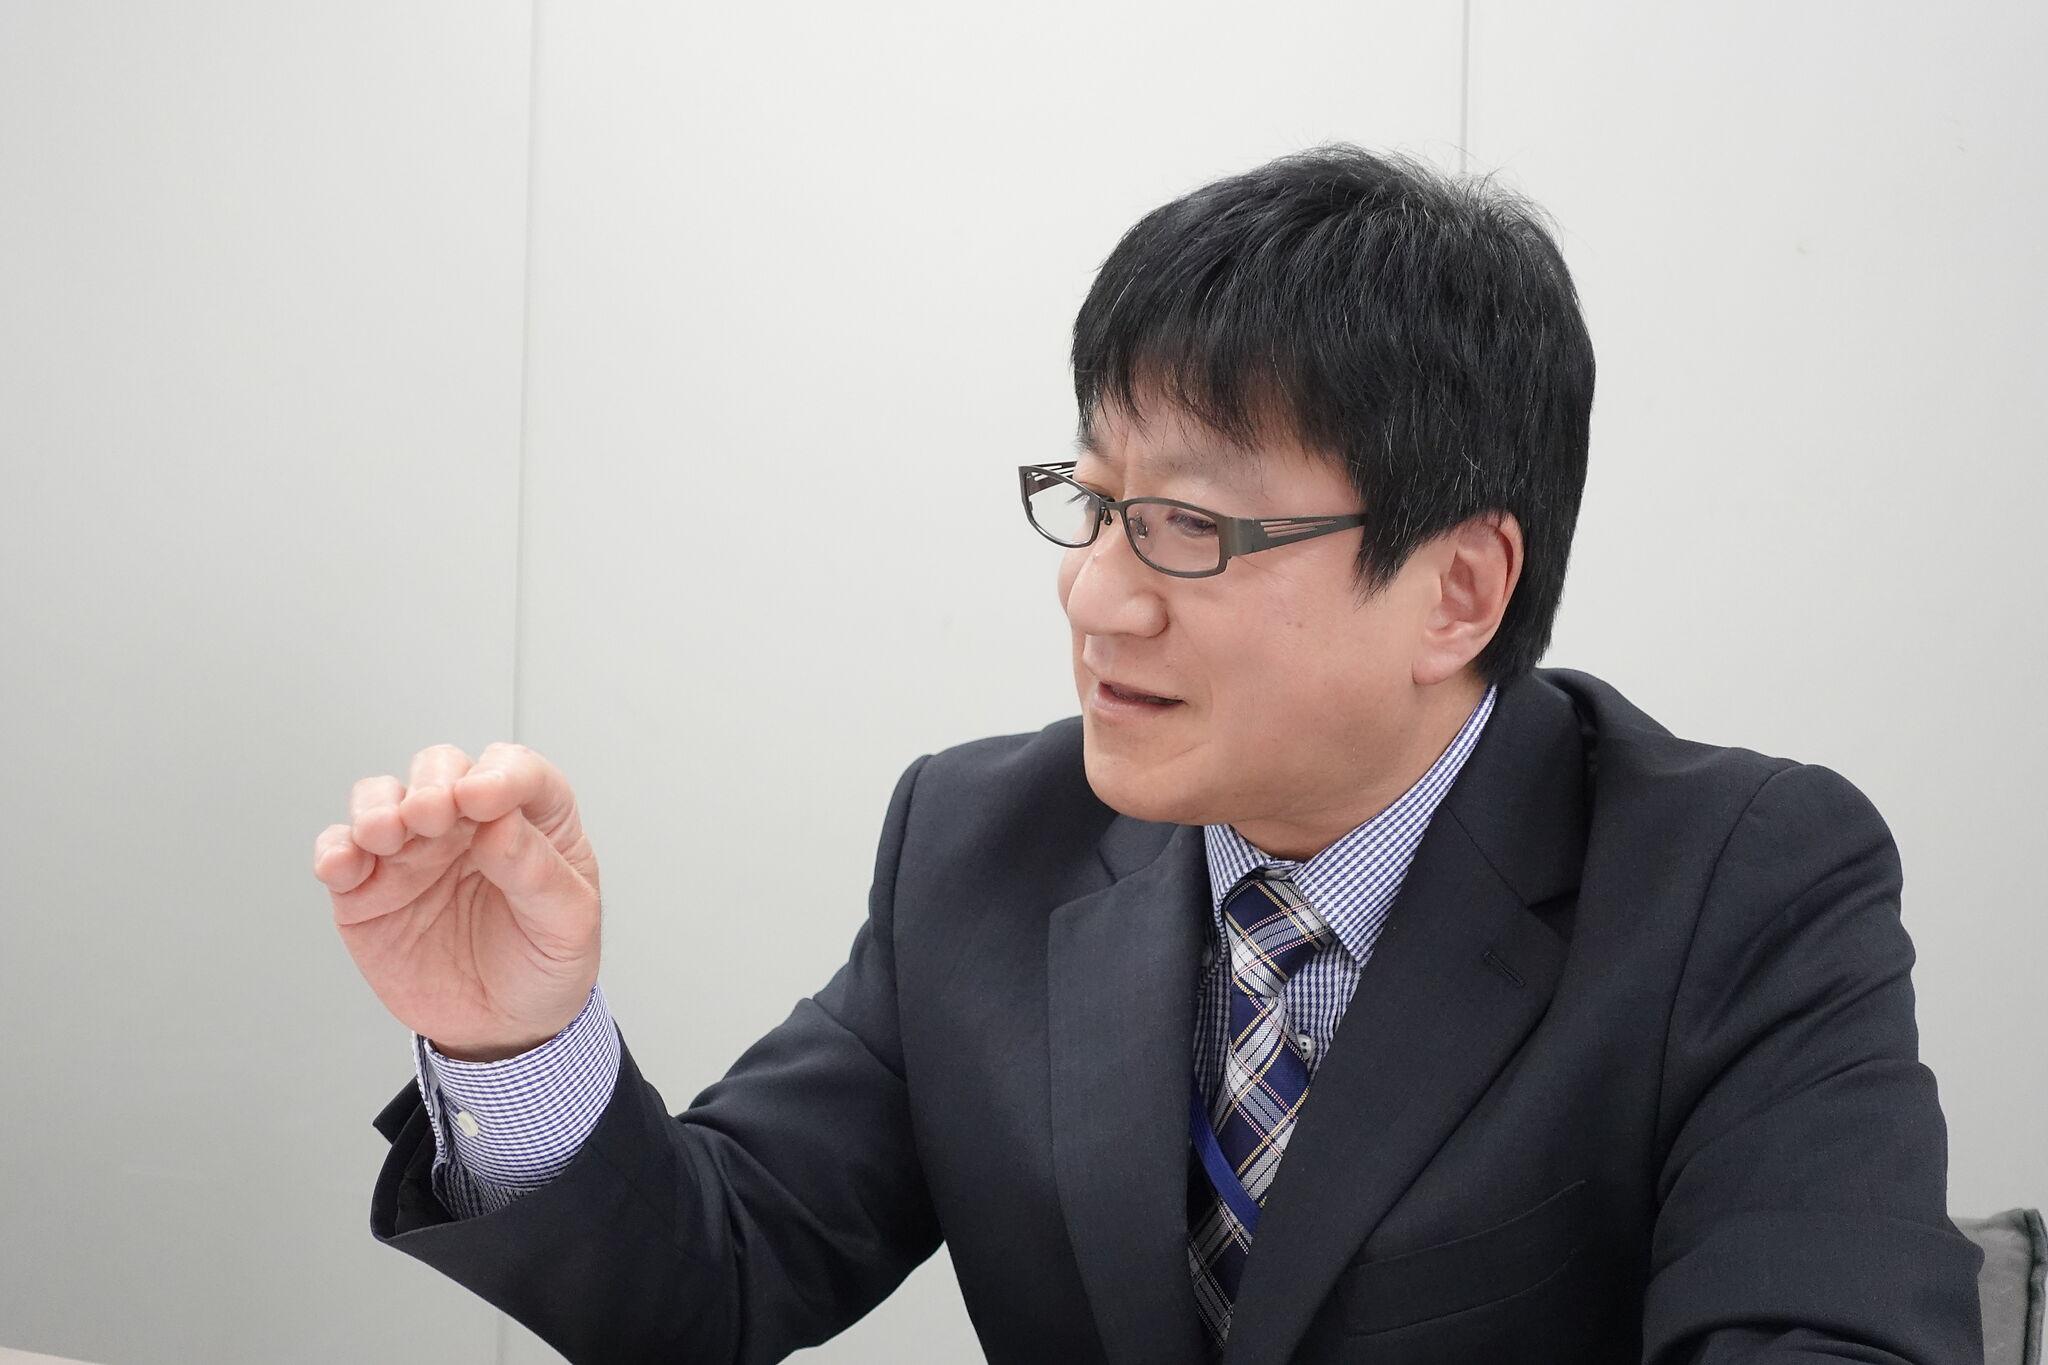 (仮)TAC 簿記 インタビュー 3